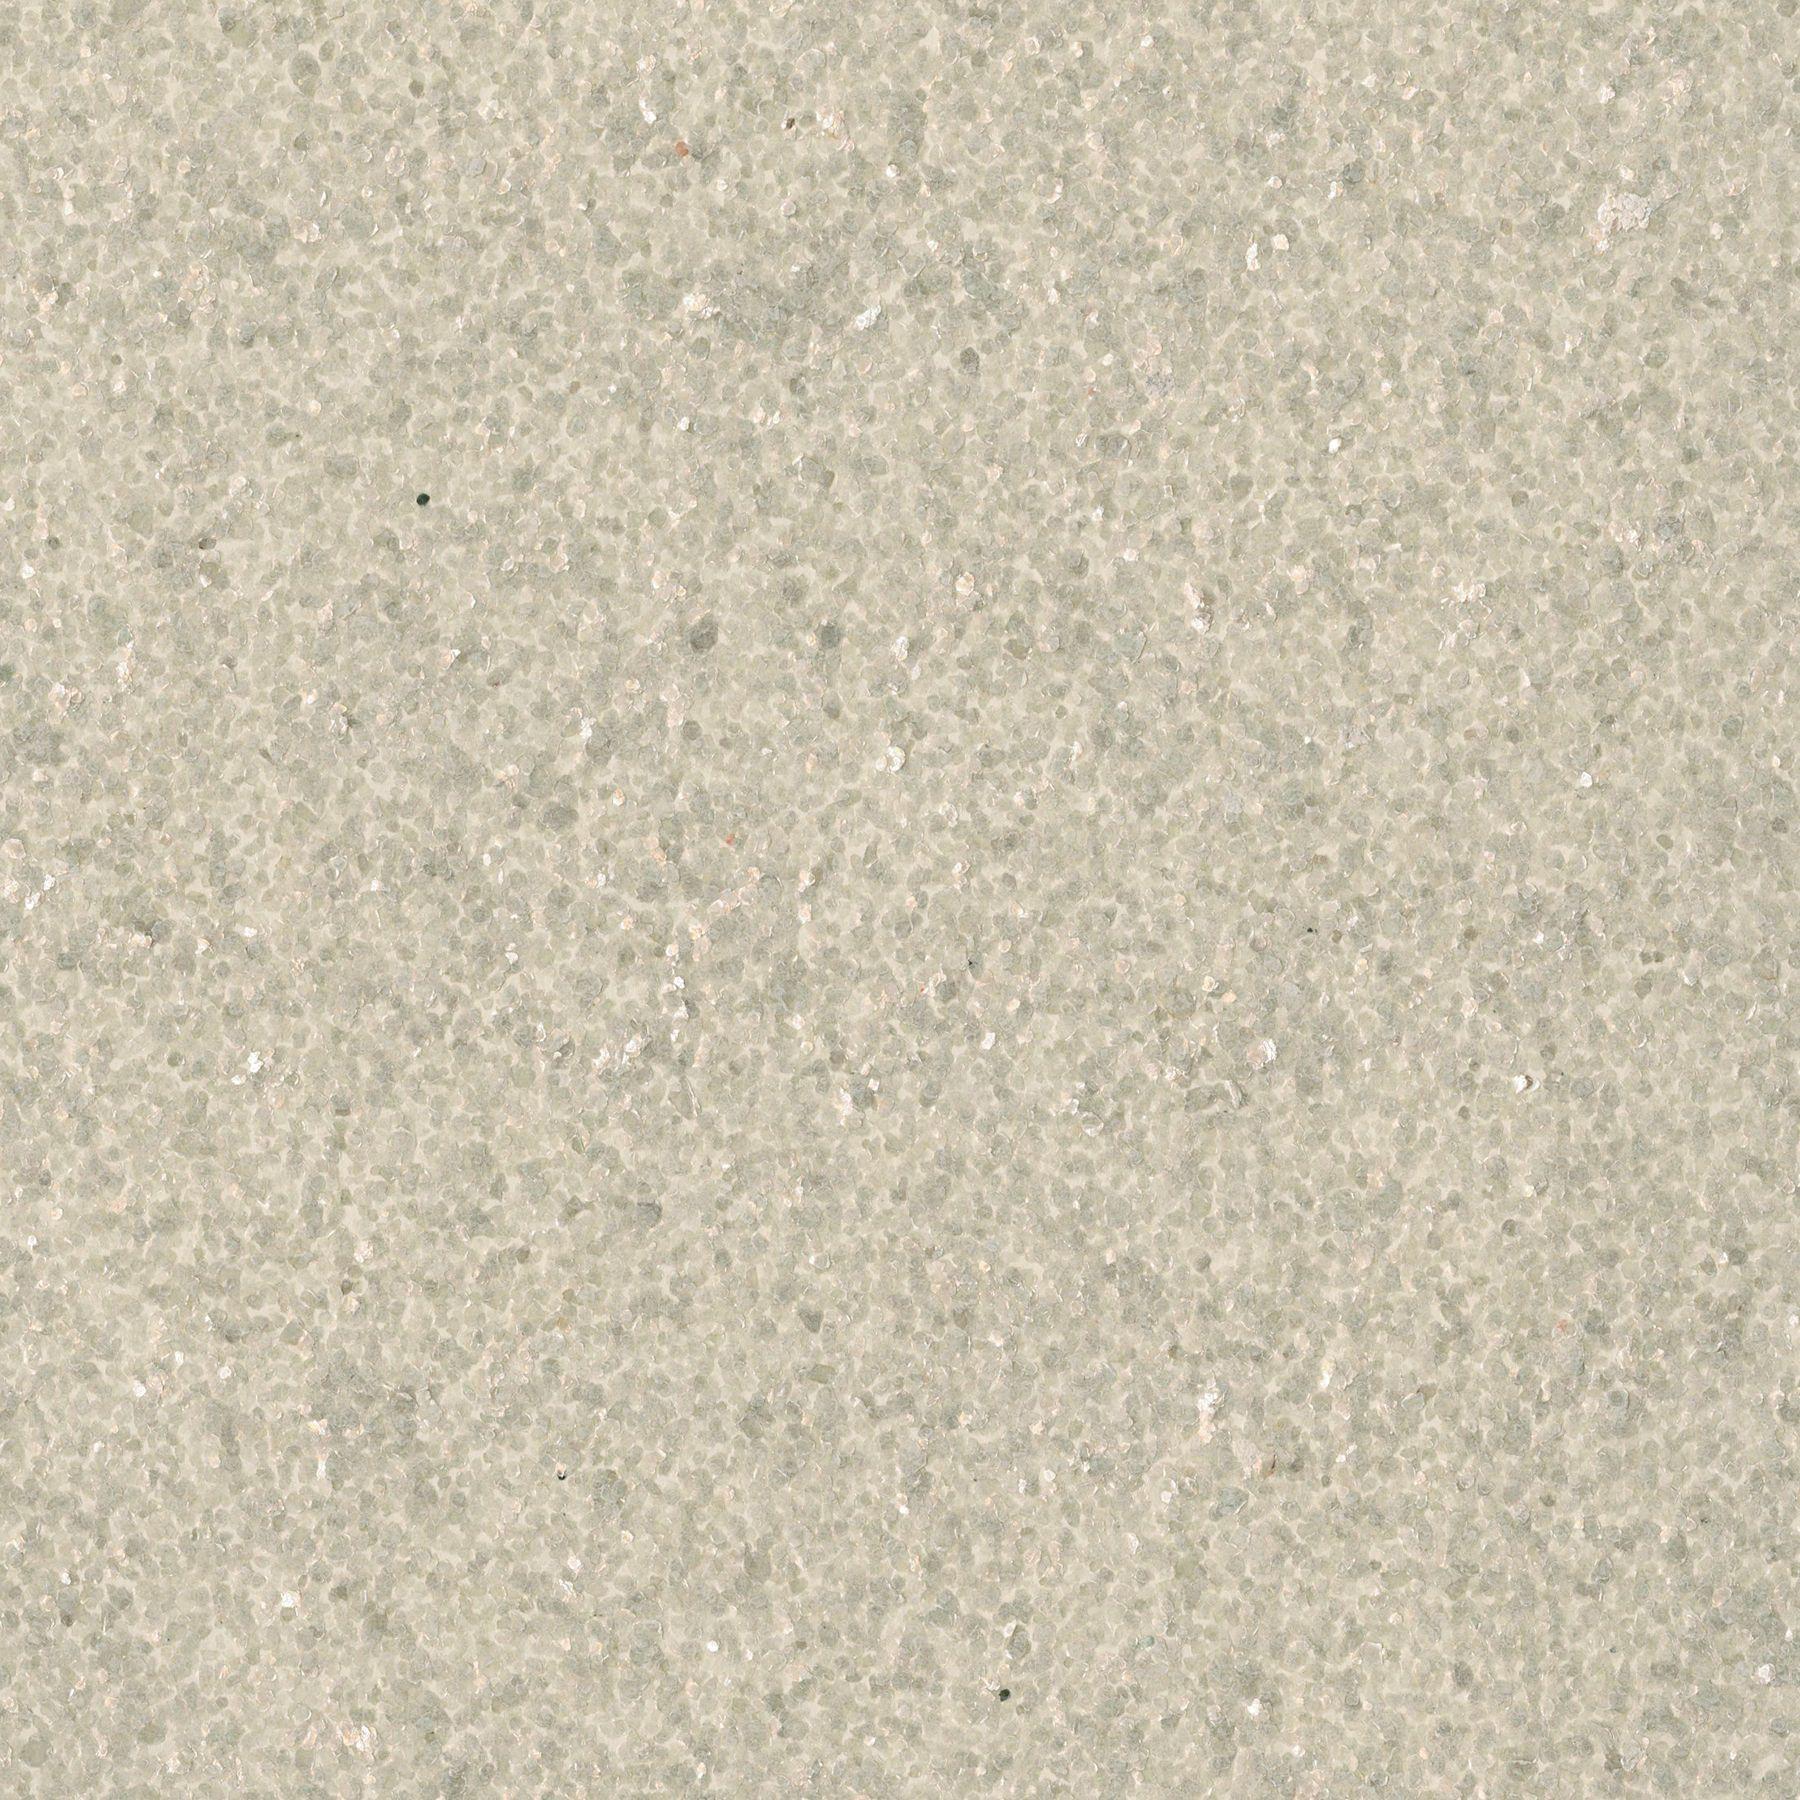 Kravet Design - W3294-1611